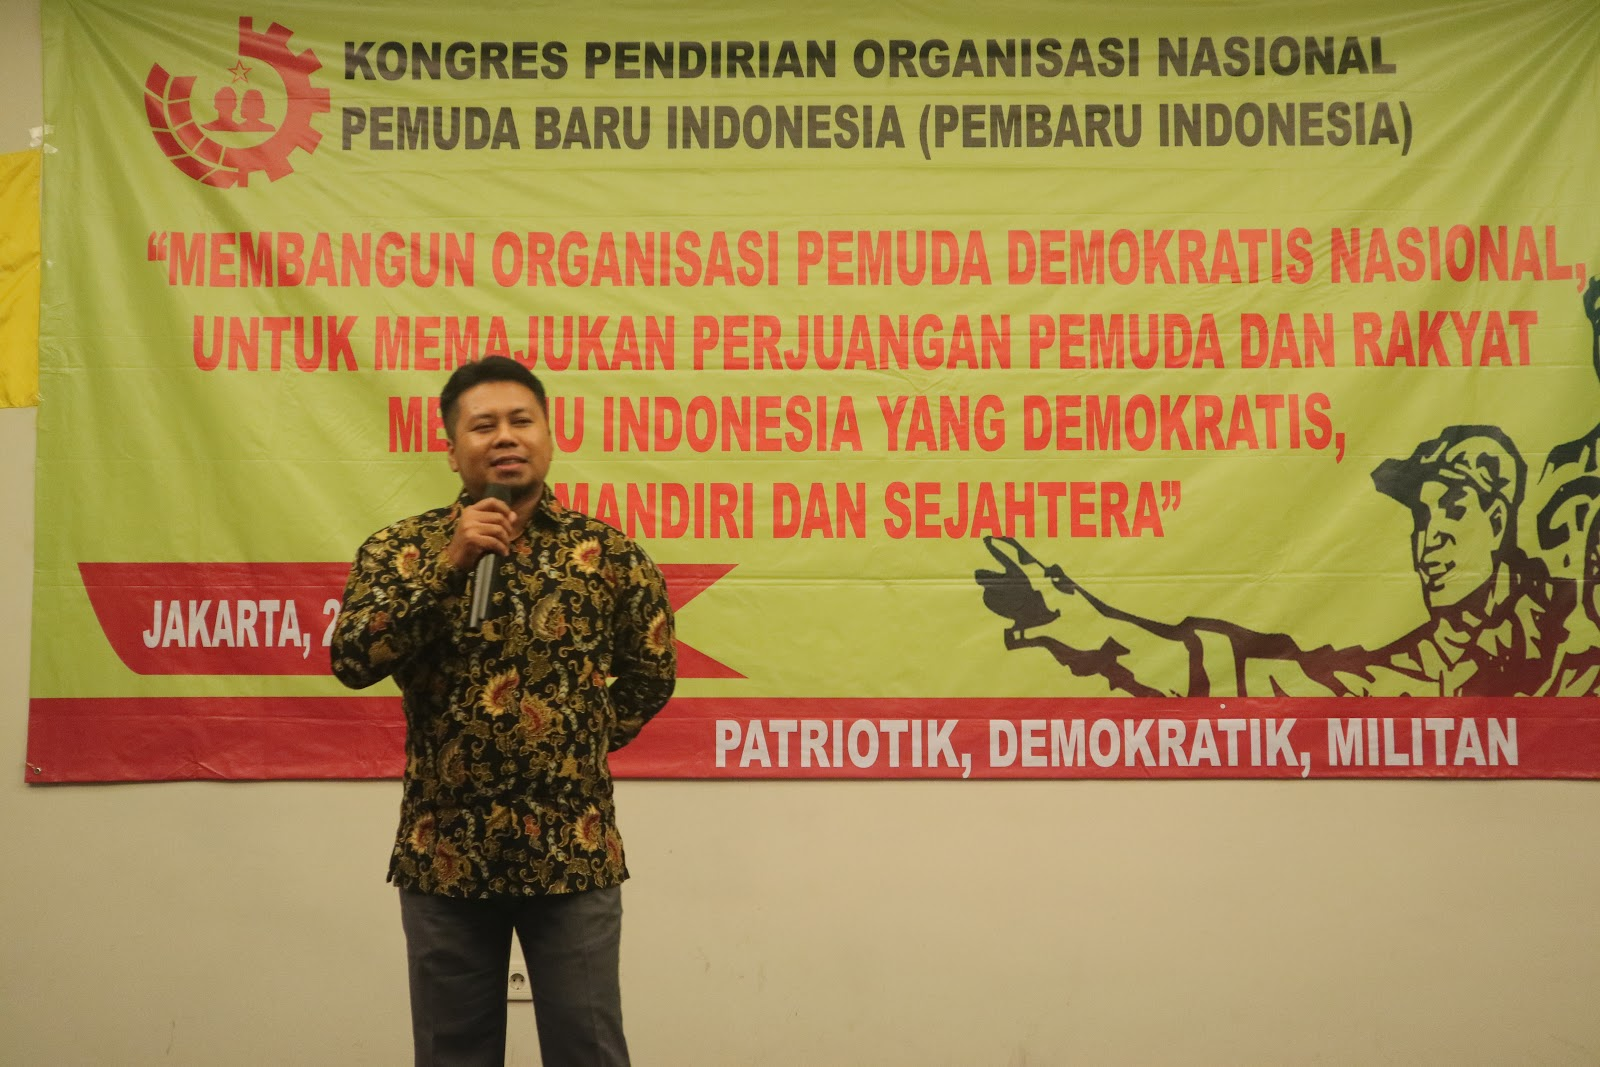 Gsbi Gabungan Serikat Buruh Indonesia Gsbi Berikan Ucapan Selamat Atas Kongres Pembentukan Dan Pendirian Organisasi Pemuda Nasional Pembaru Indonesia